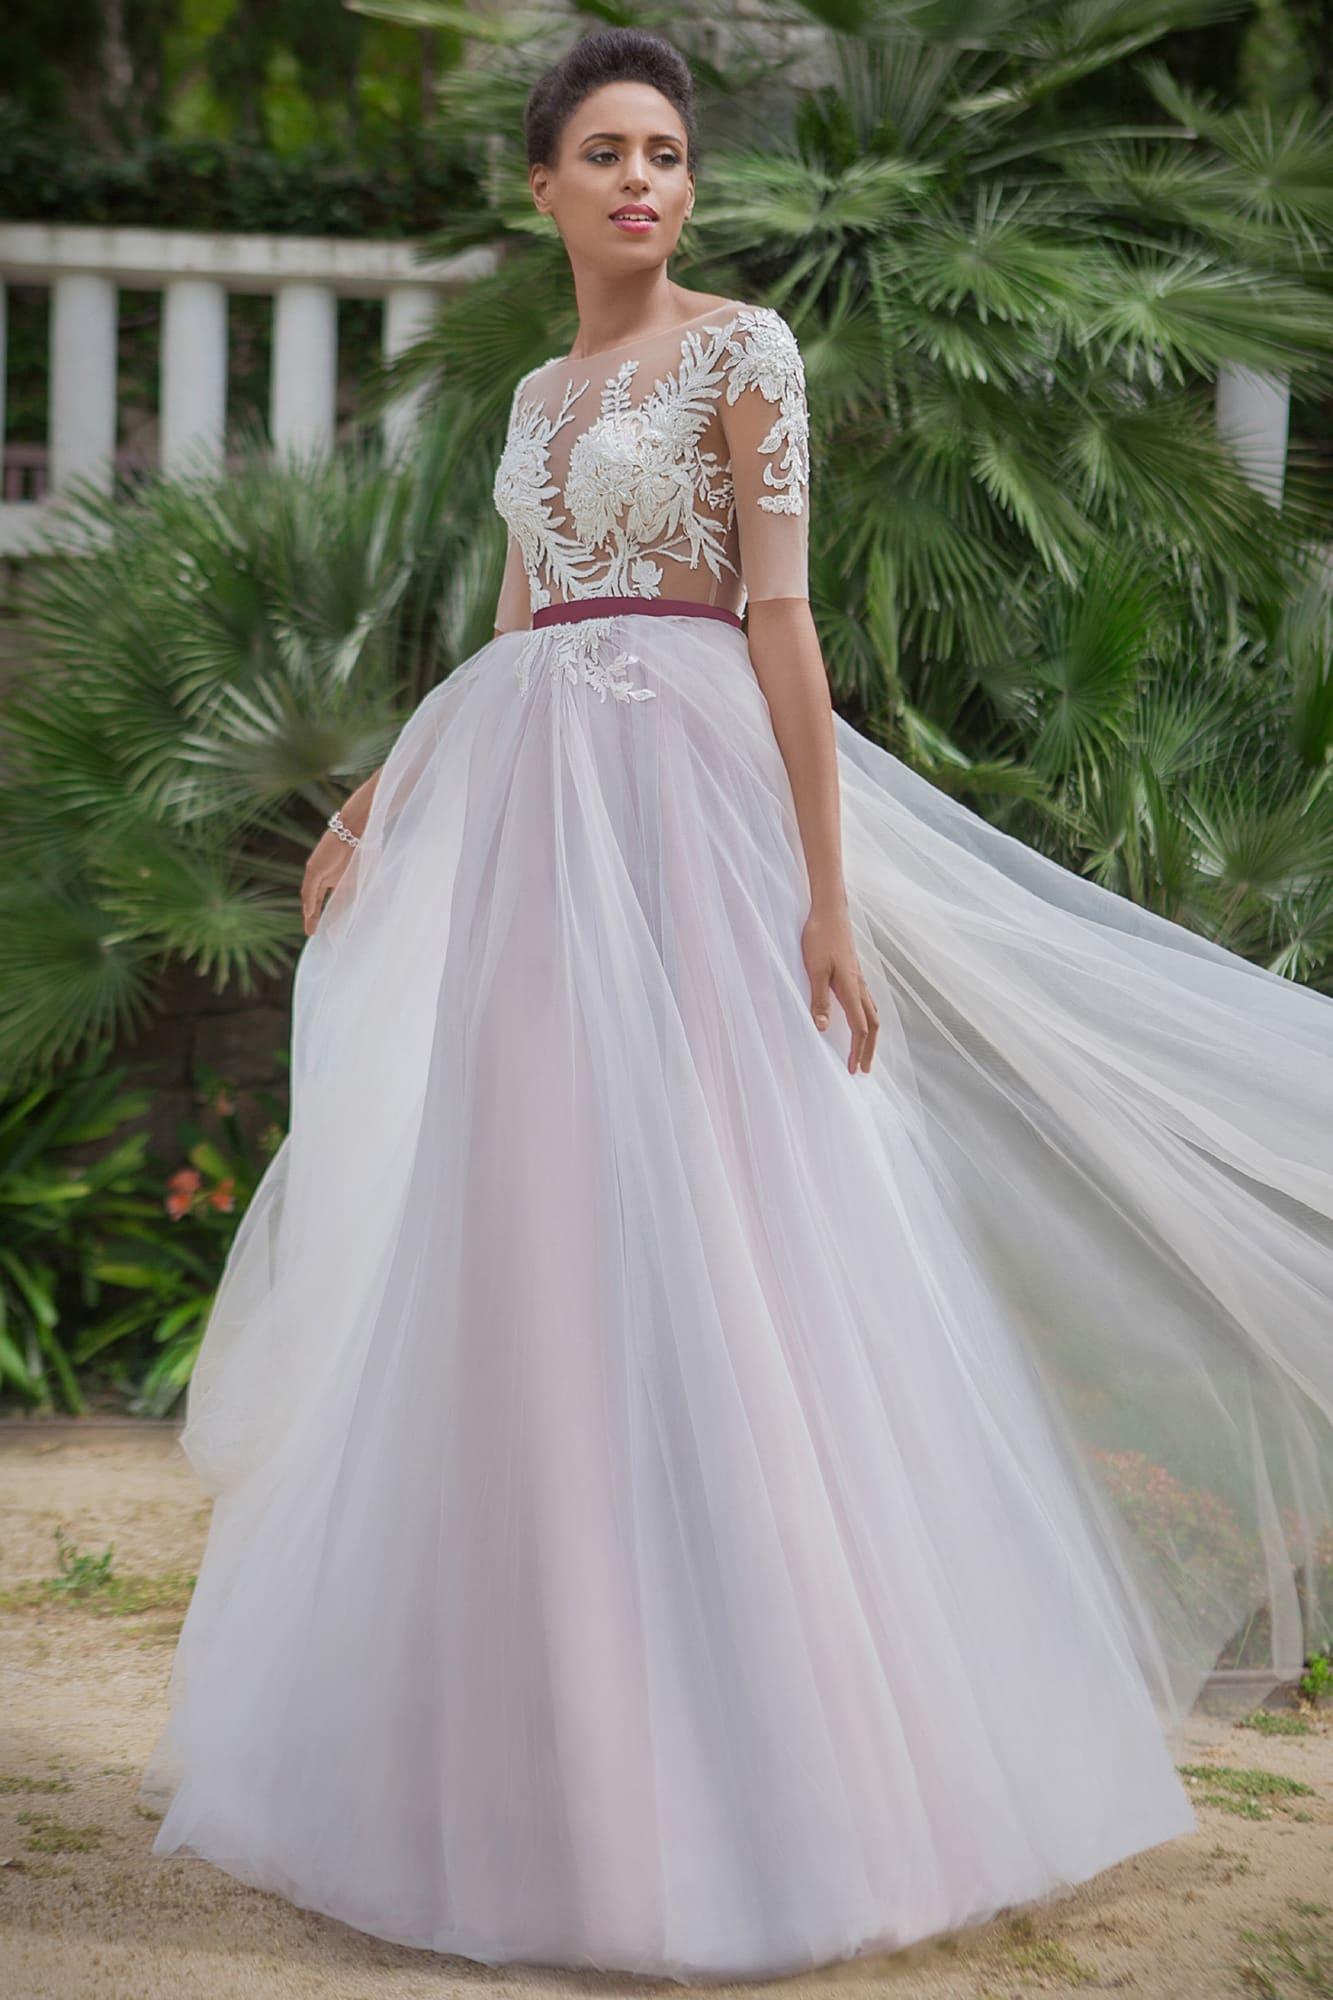 78eeed0f10a Романтичное свадебное платье А-силуэта с бордовым поясом и цветной  подкладкой.